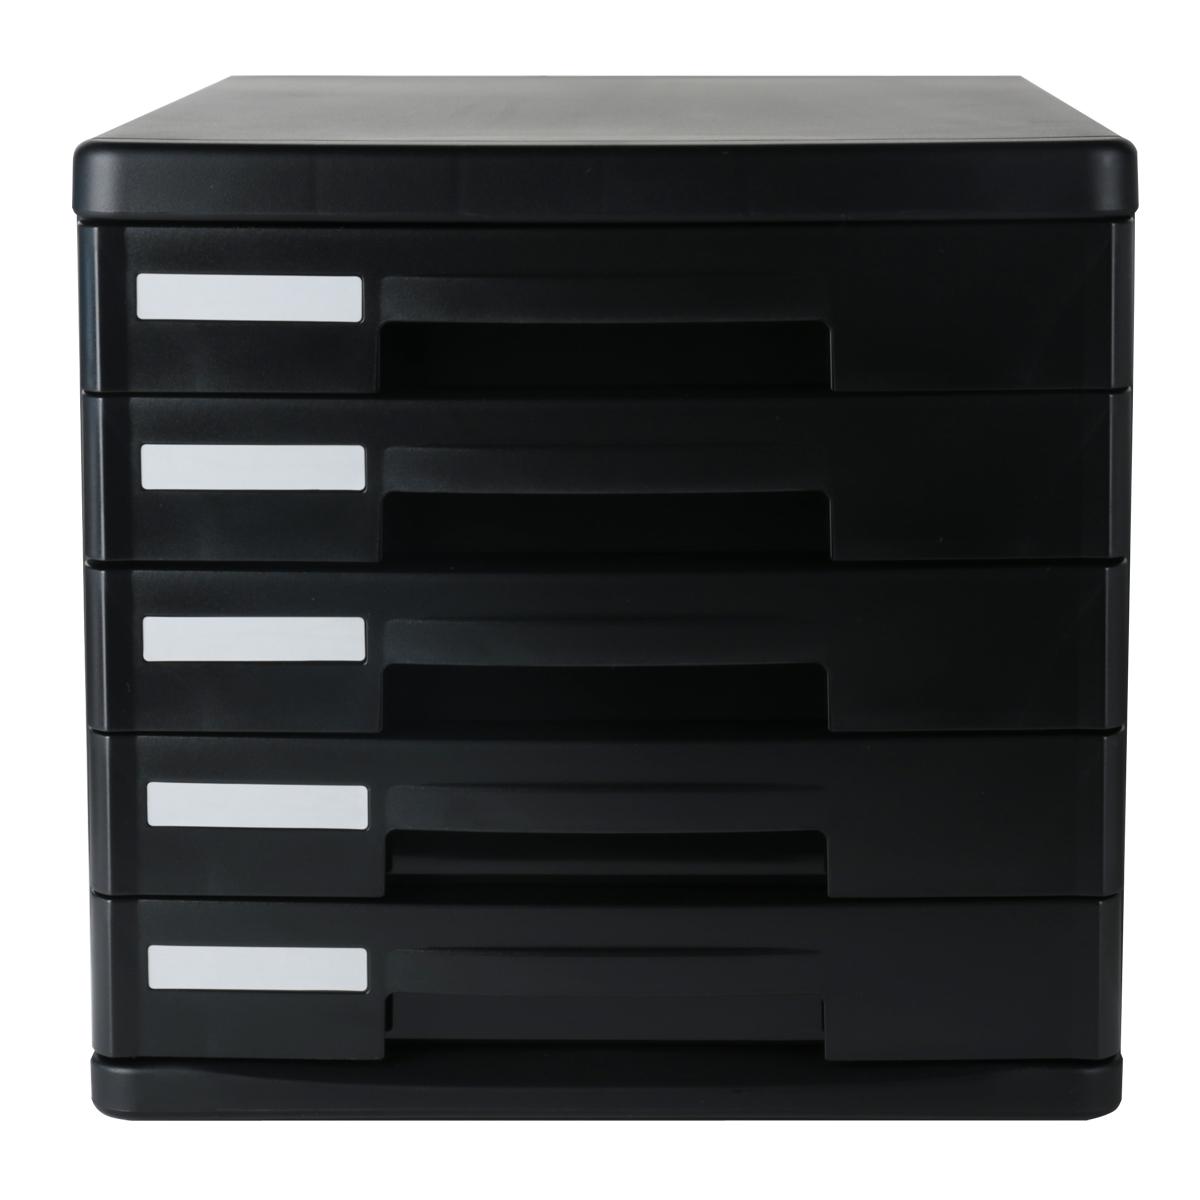 Компетентный шкаф для документов 9773 Настольный шкаф для консолидации Пластиковый ящик для шкафа 5 слоев незалоченный черный